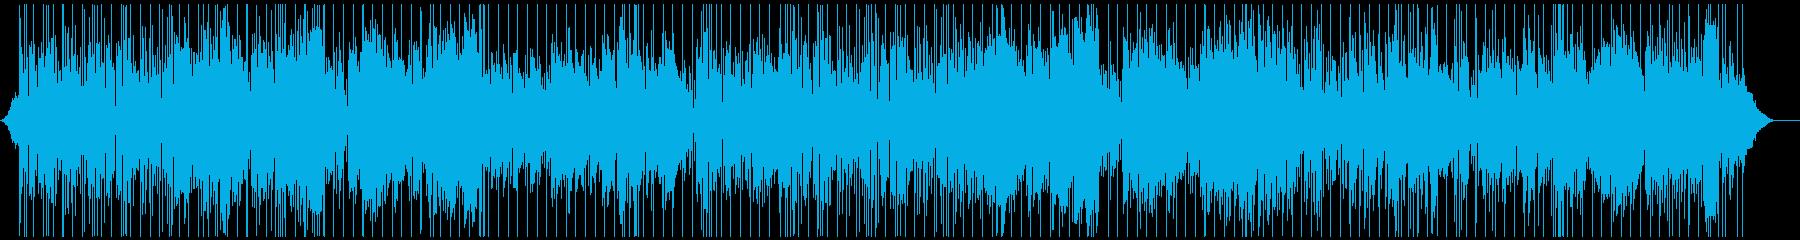 生演奏・南の島のリラックスリゾートレゲエの再生済みの波形